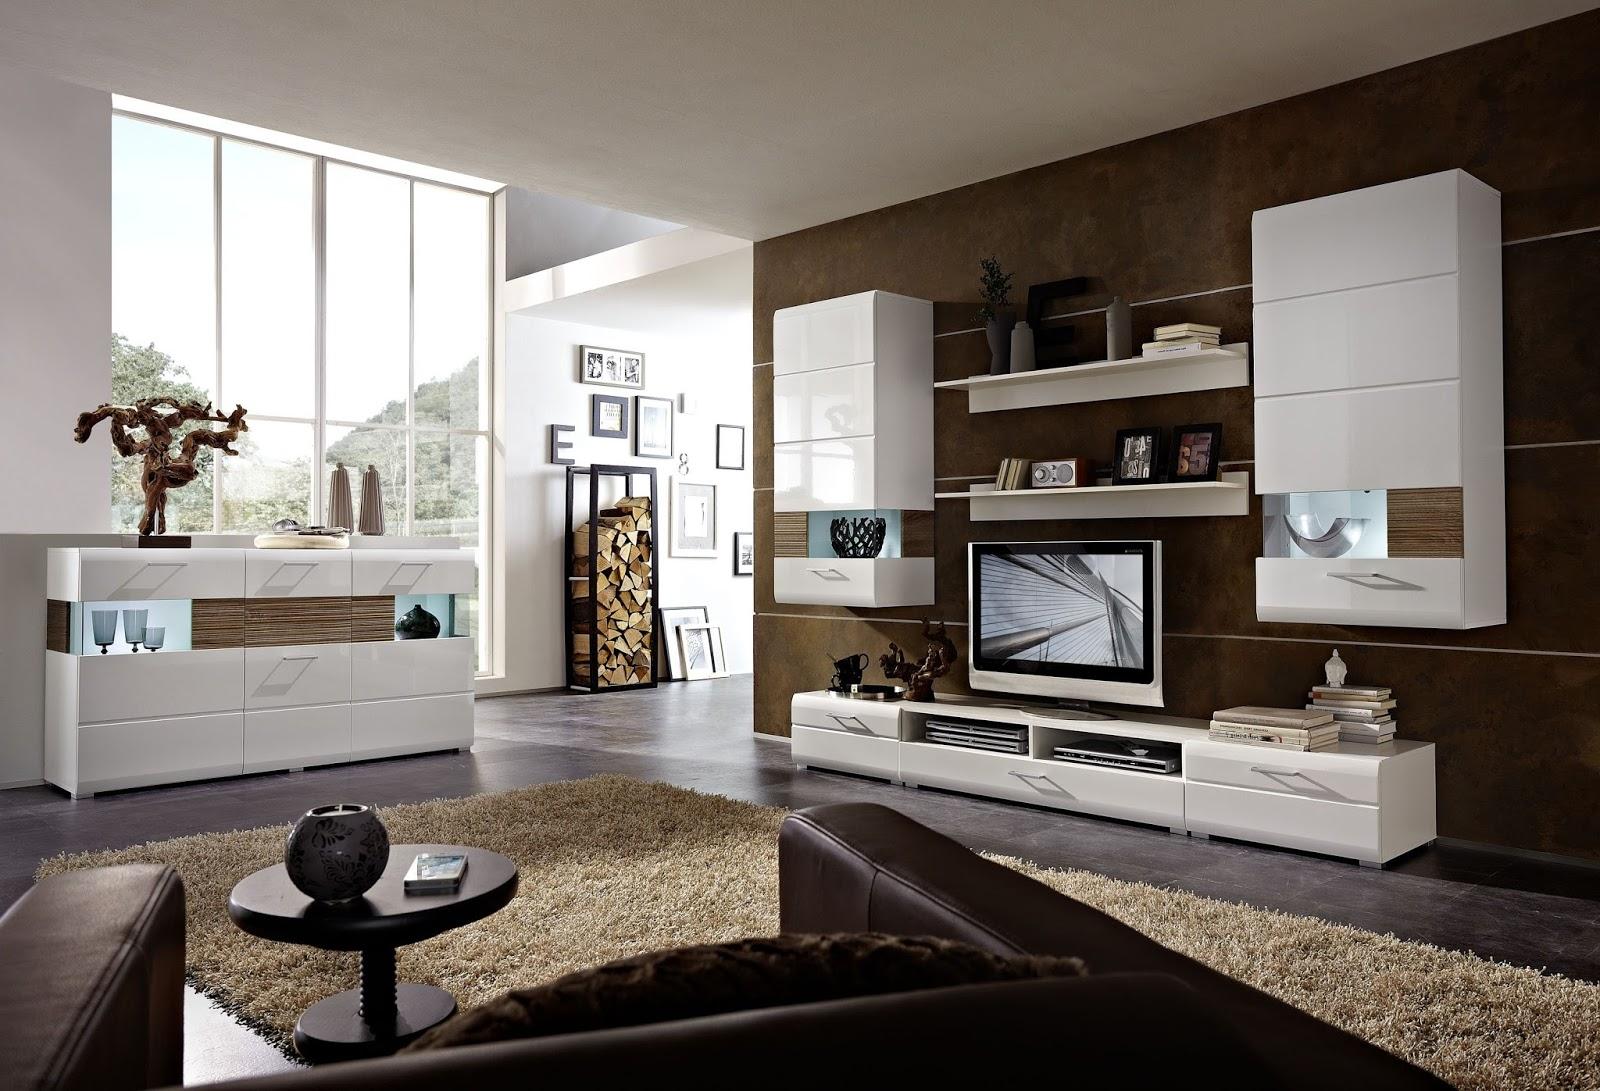 Hier Sind Einige Bilder Von Der Wohnzimmermöbeln Modernen Minimalistischen  Haus, Das Inspirierende Ideen Für Ihr Traumhaus Außen Bieten Kann.